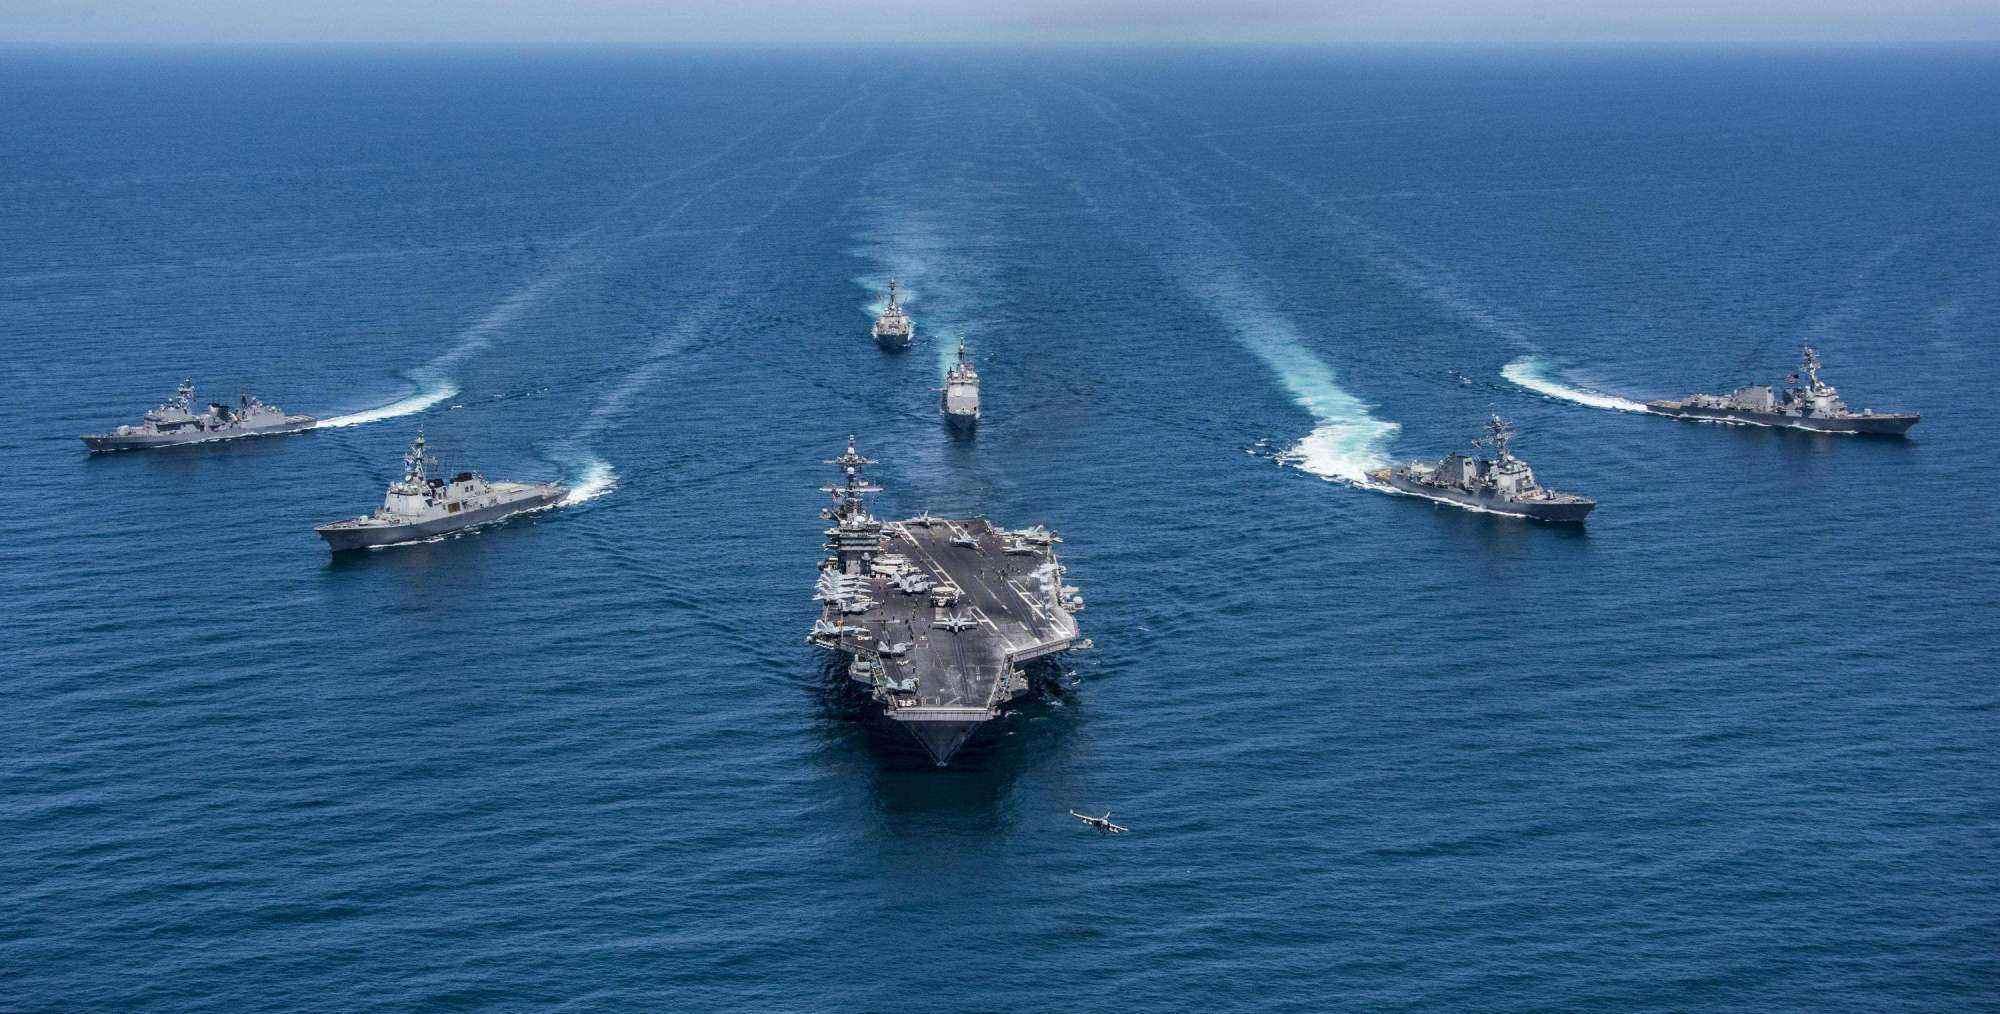 若中國雙航母進入一級備戰狀態,戰力有多強悍?非美國海軍不能敵